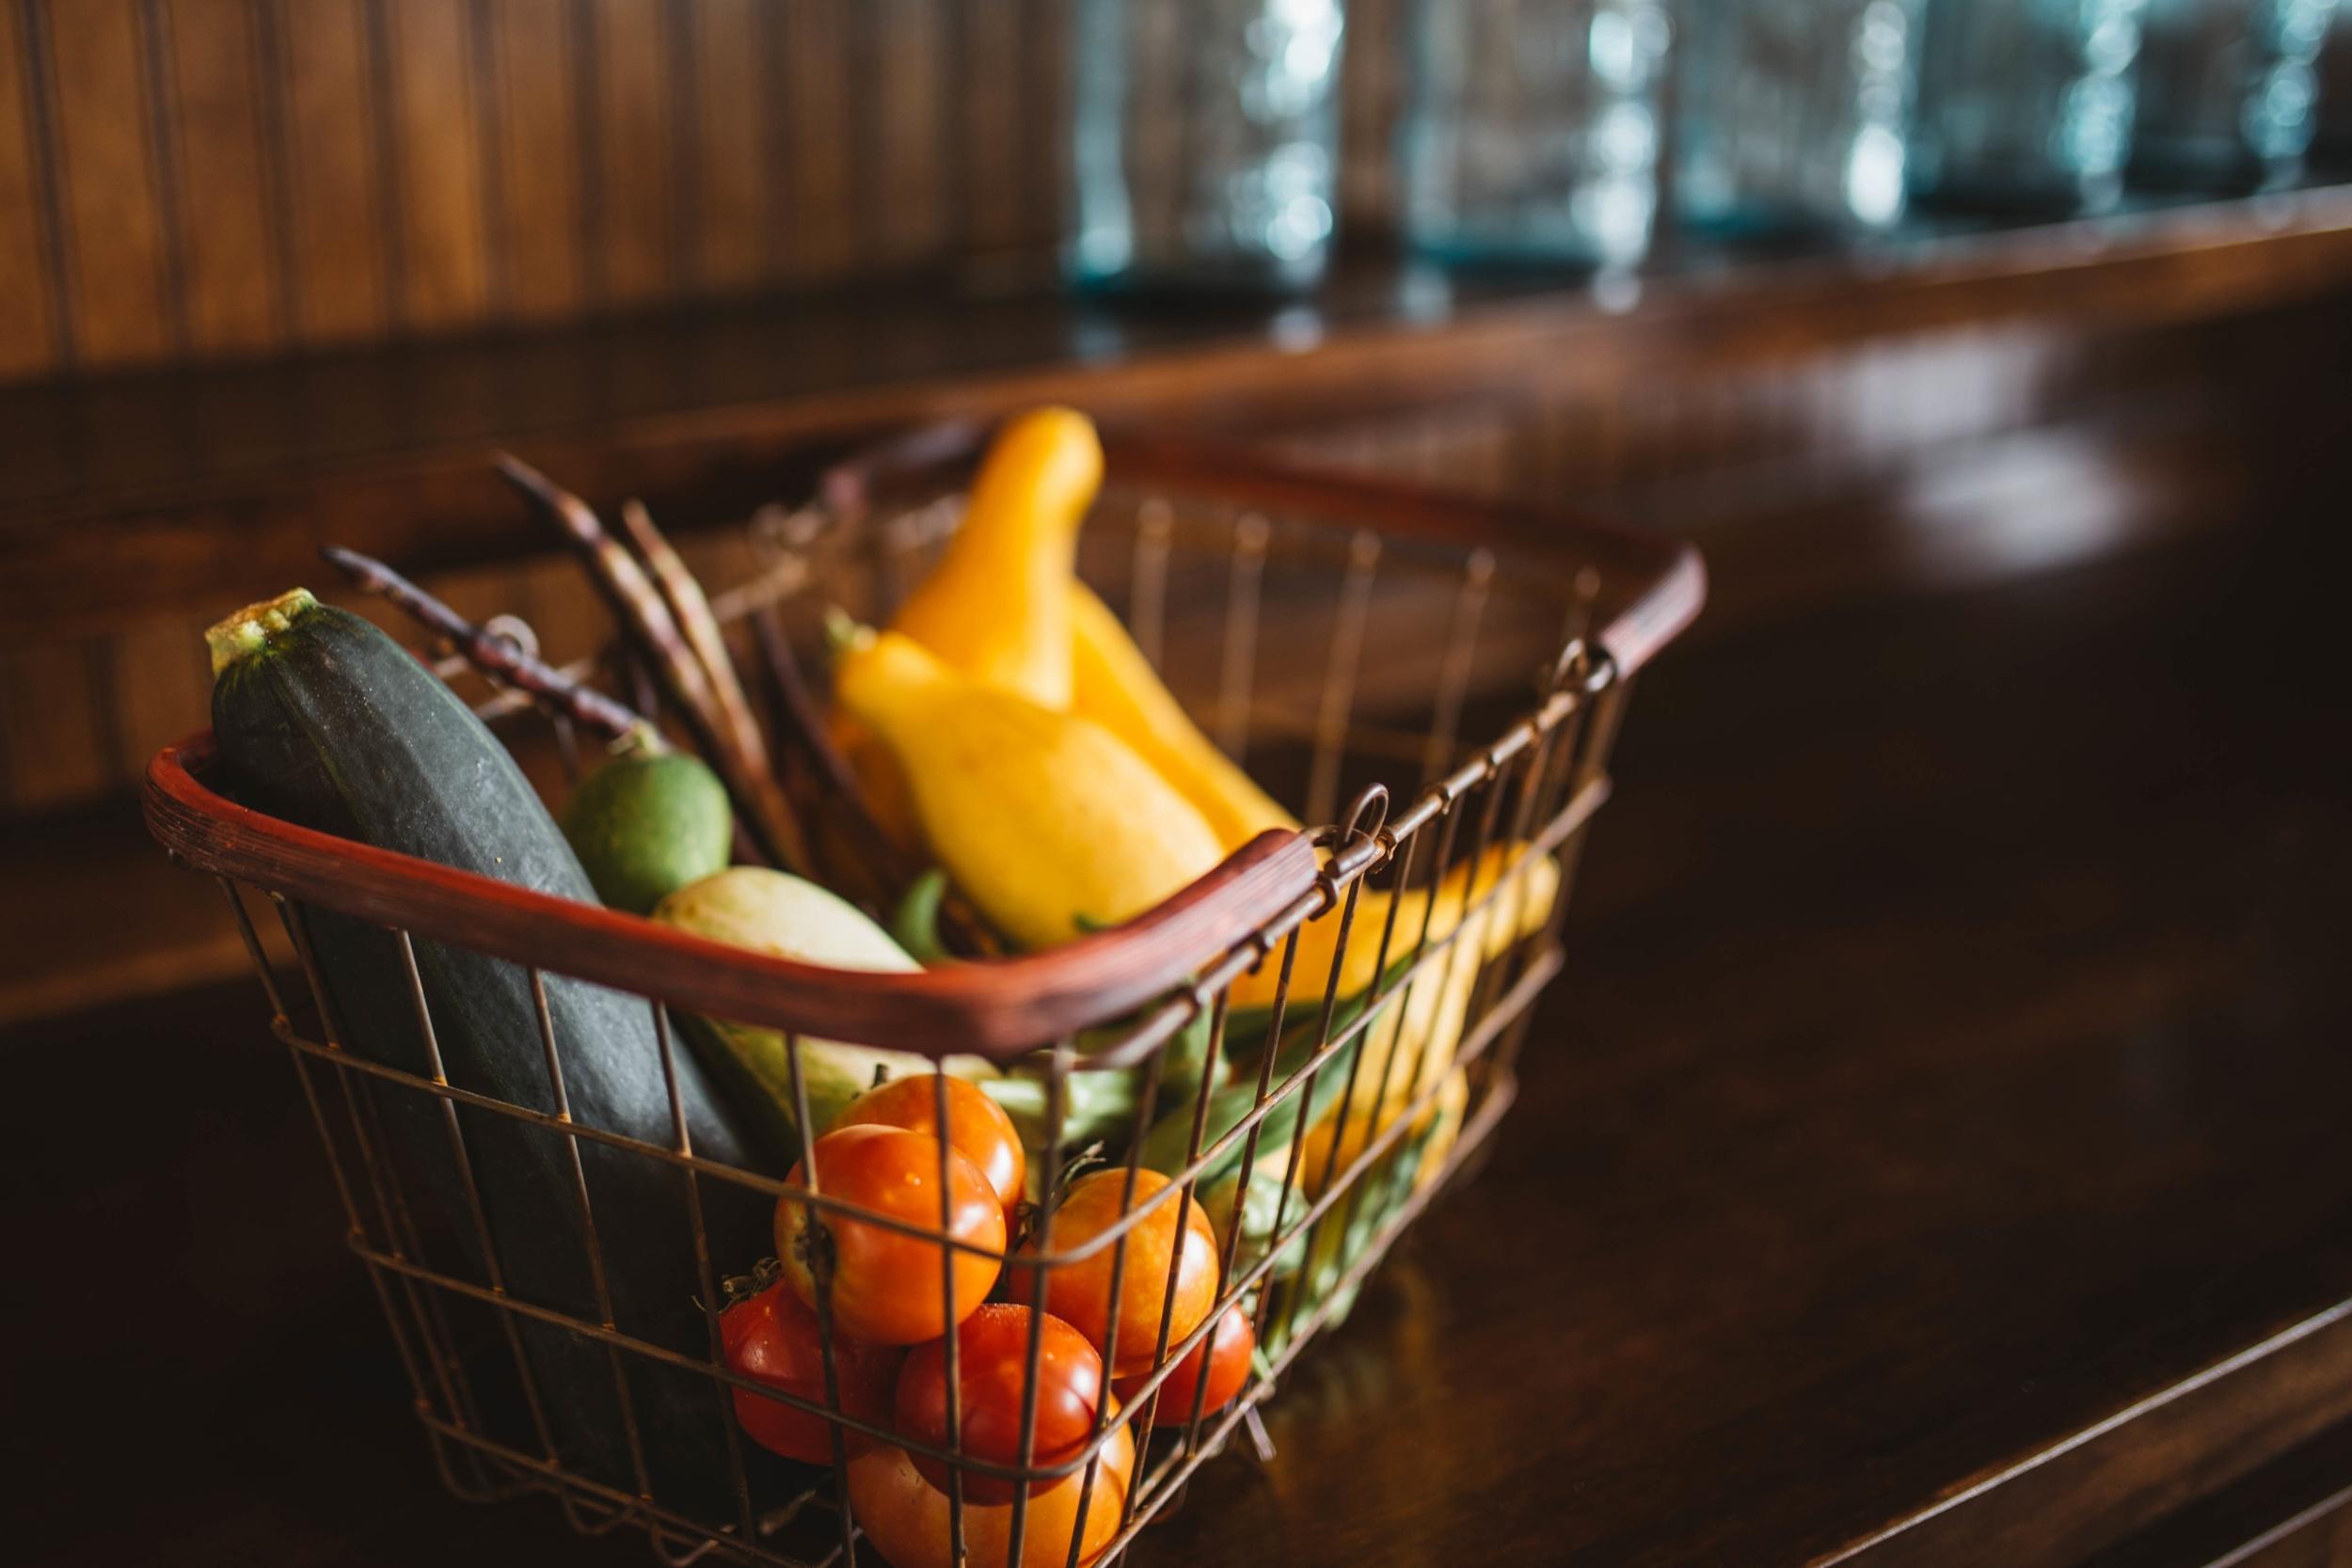 basket-seasonal-food.jpeg